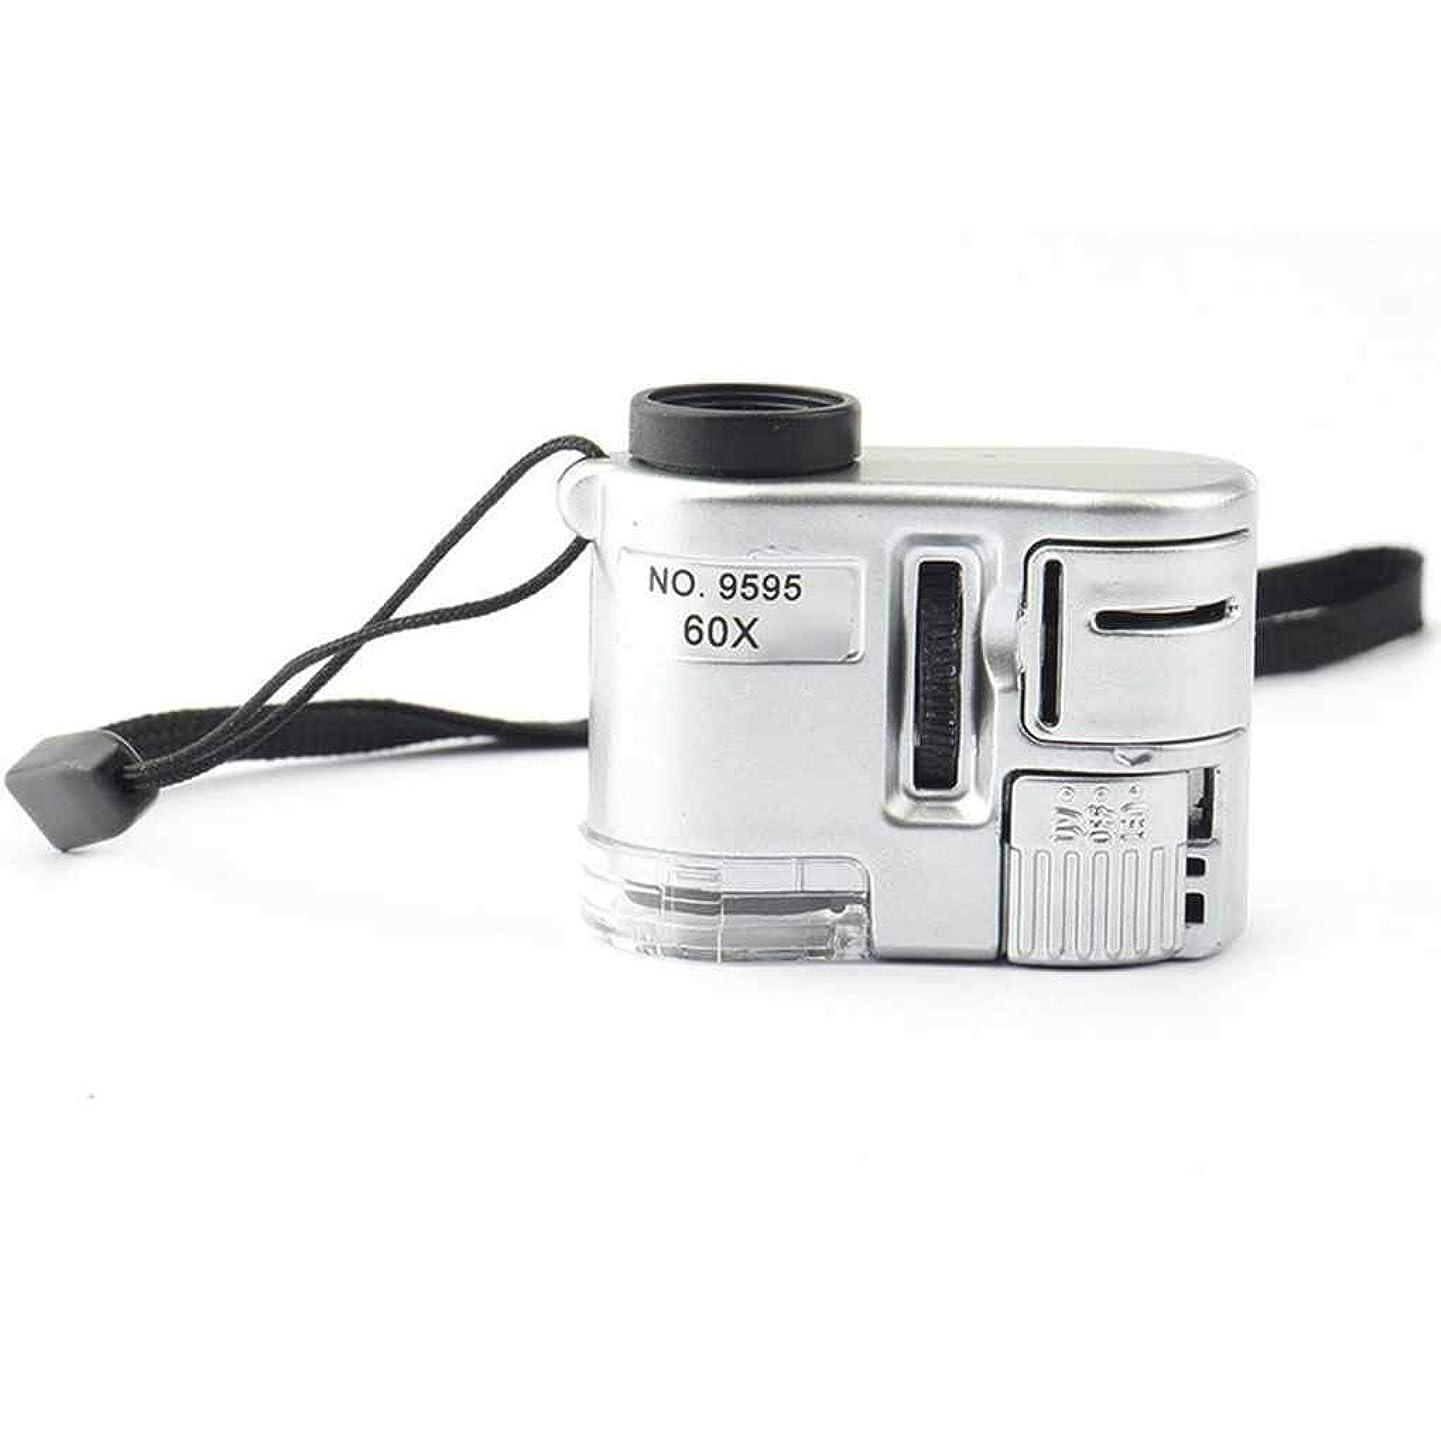 どこでも潜む観光に行くArichops ユニバーサル 60X LED 顕微鏡 ミニ ポータブル UVライト 顕微鏡 ジュエリー 拡大鏡 ハンドストリング付き 【迅速対応】